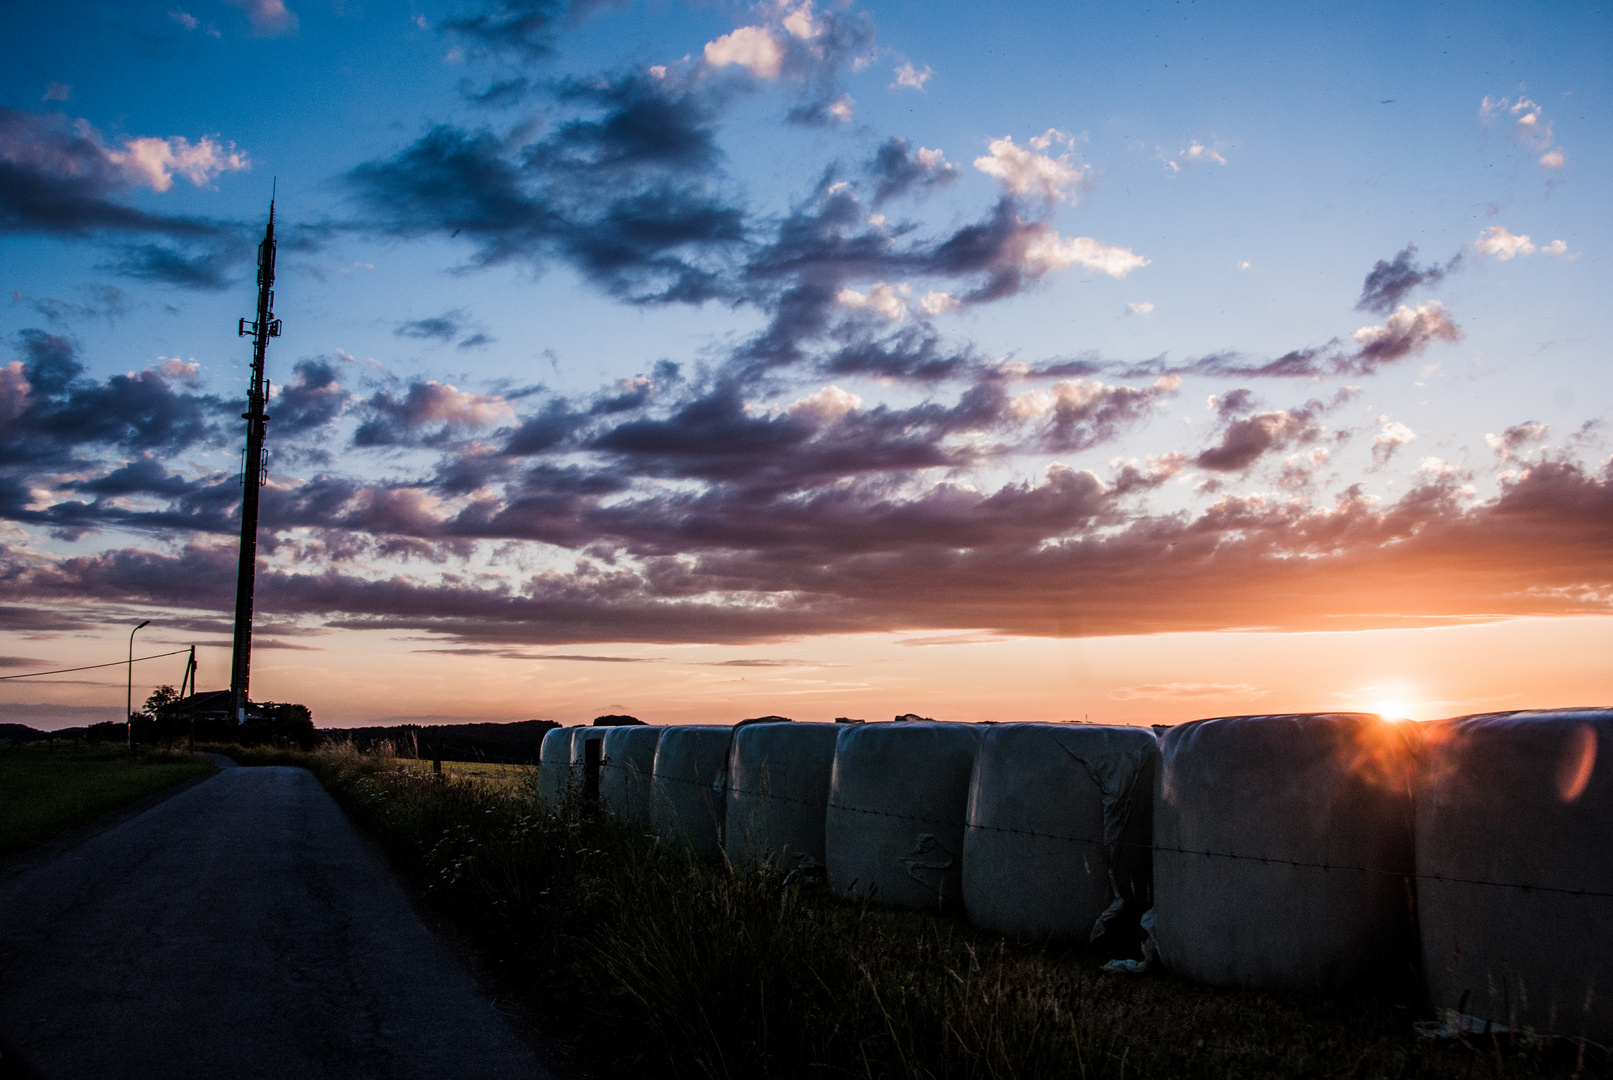 Sonnenuntergang am Petersberg hinter Heuballen